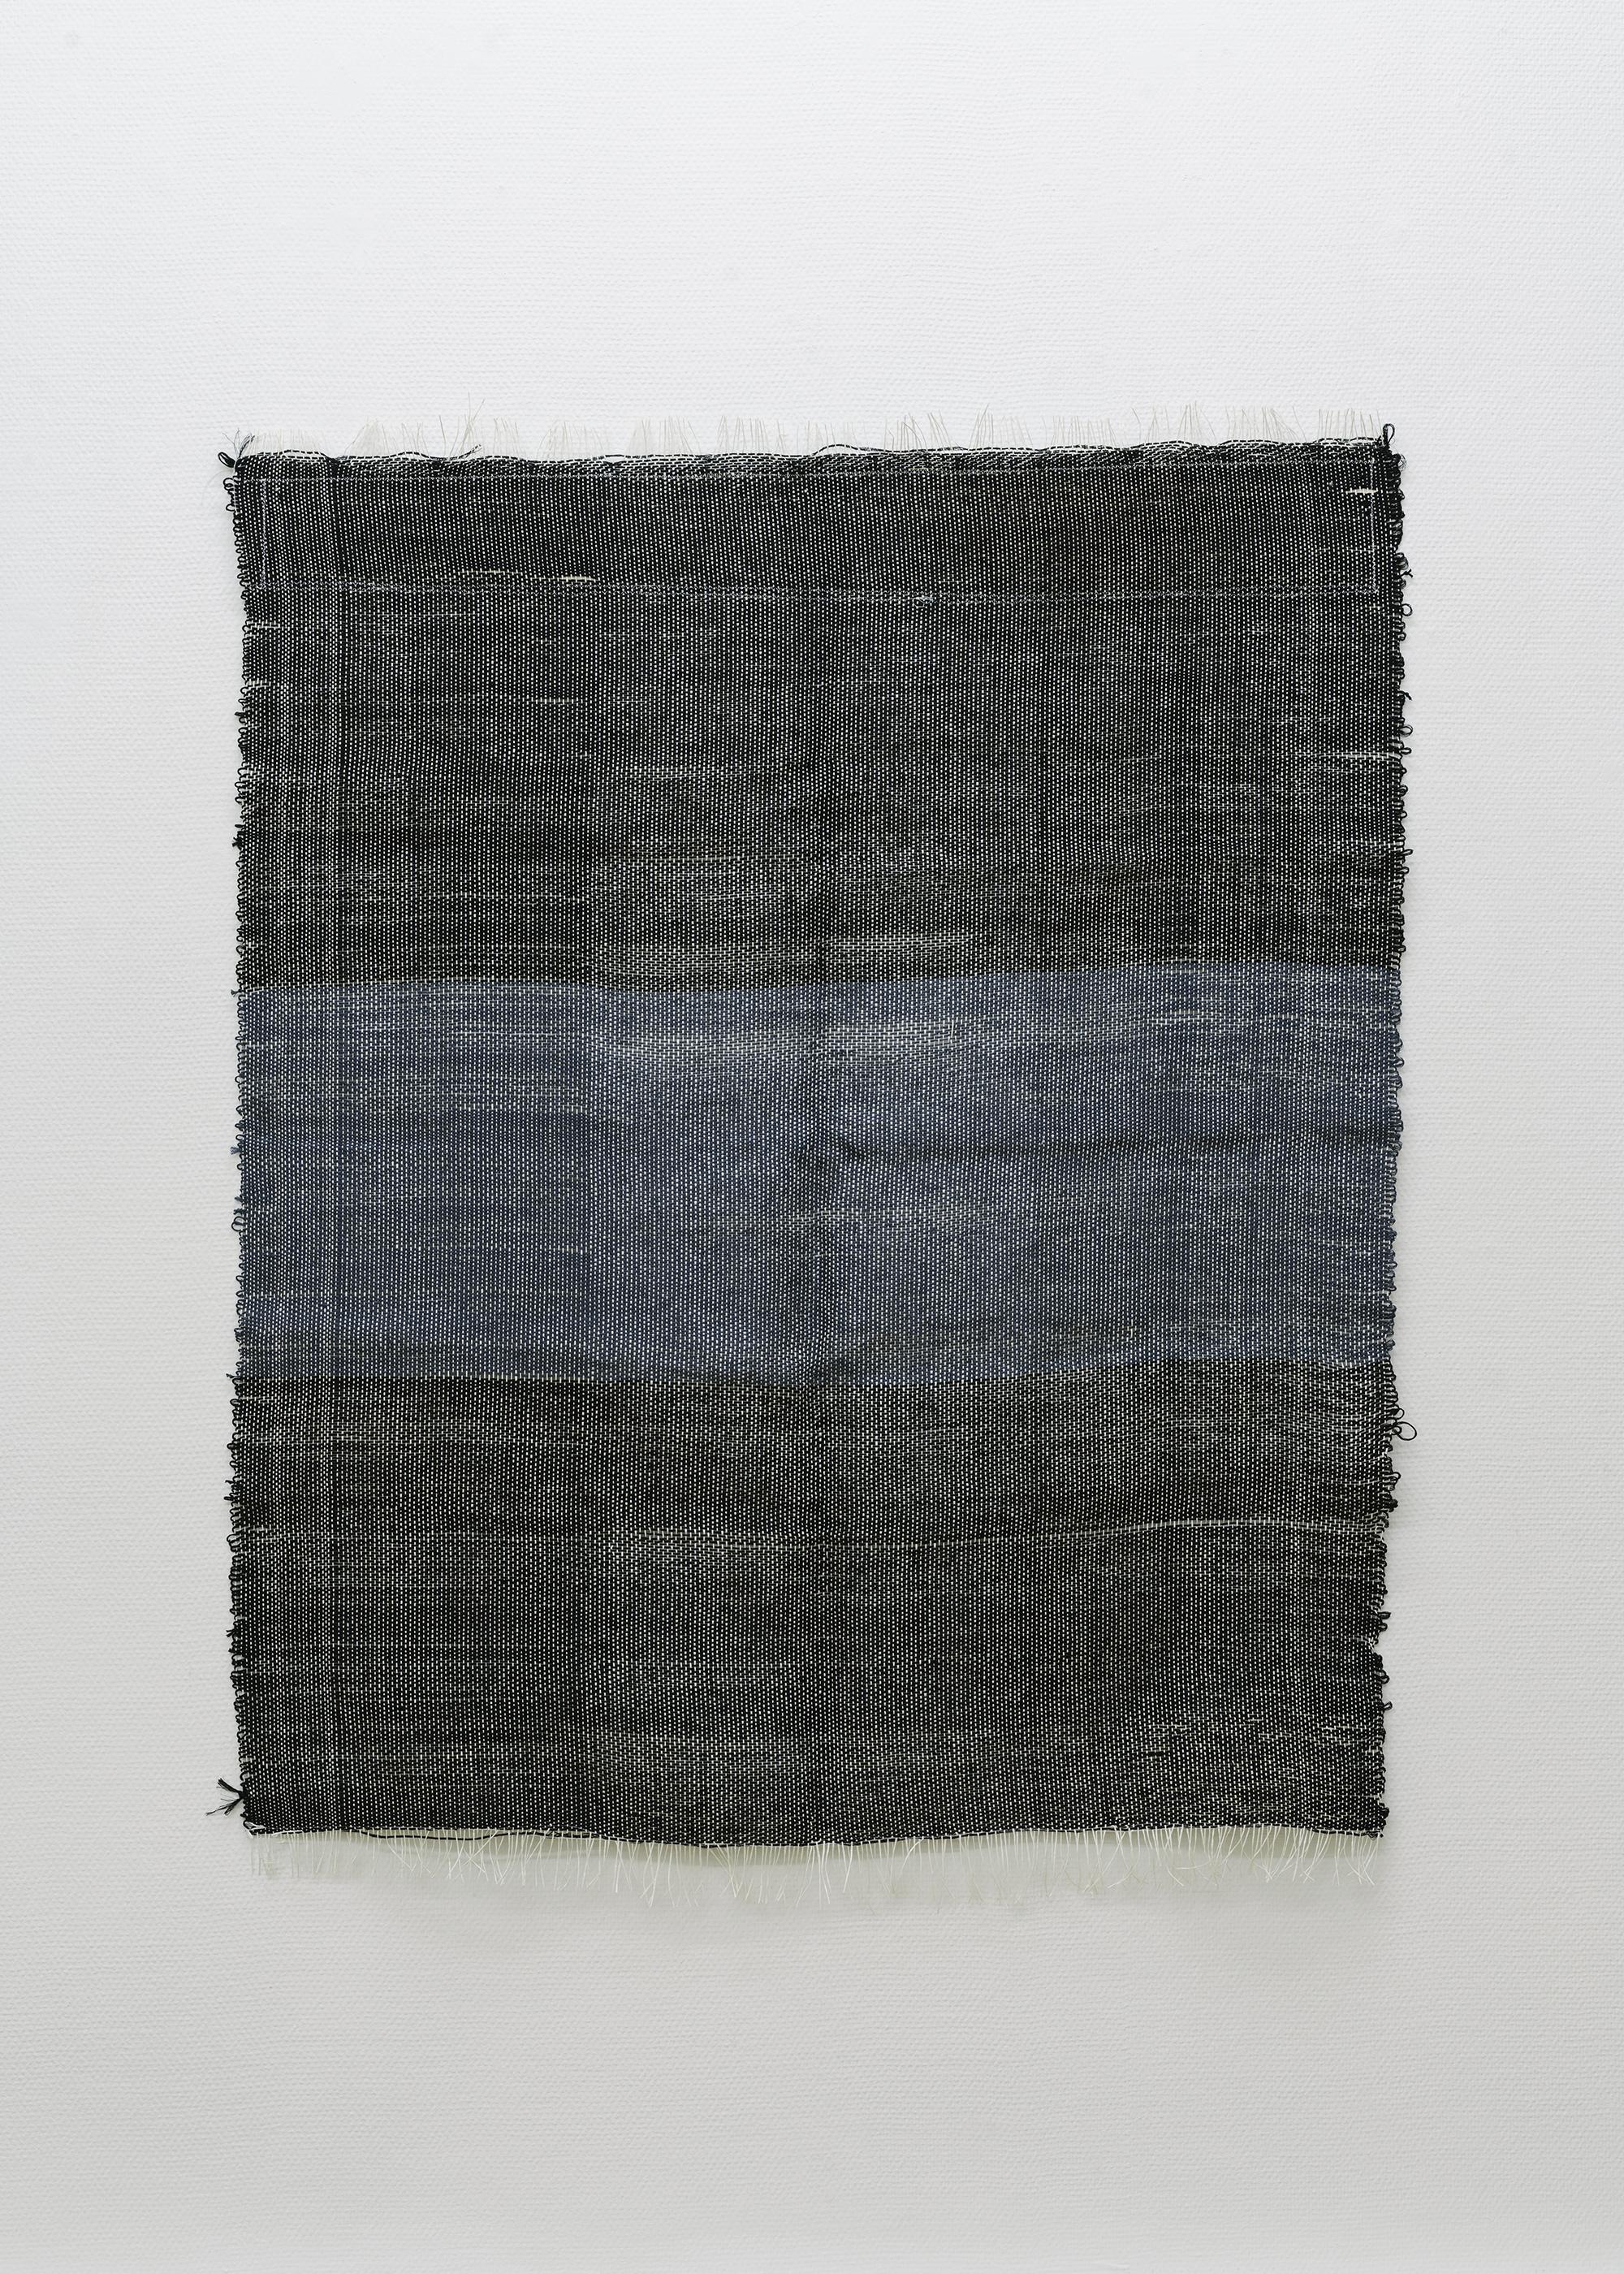 3: Marie Hazard - « noir désir » - Hand woven in paper and linen.. 2020 - 130x100 cm